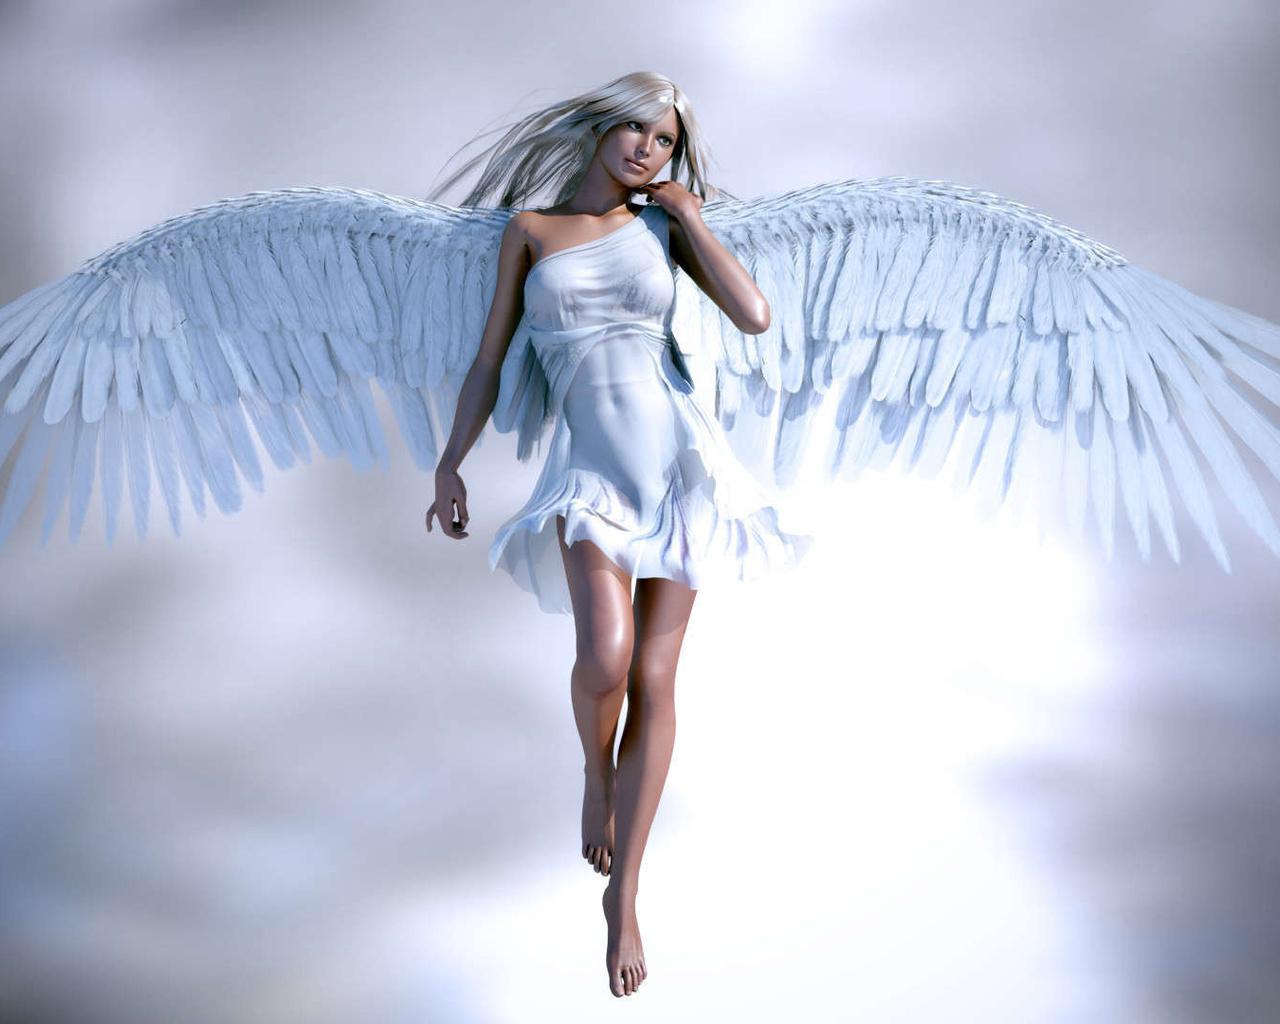 хотите картинки персональные ангелы занимательное